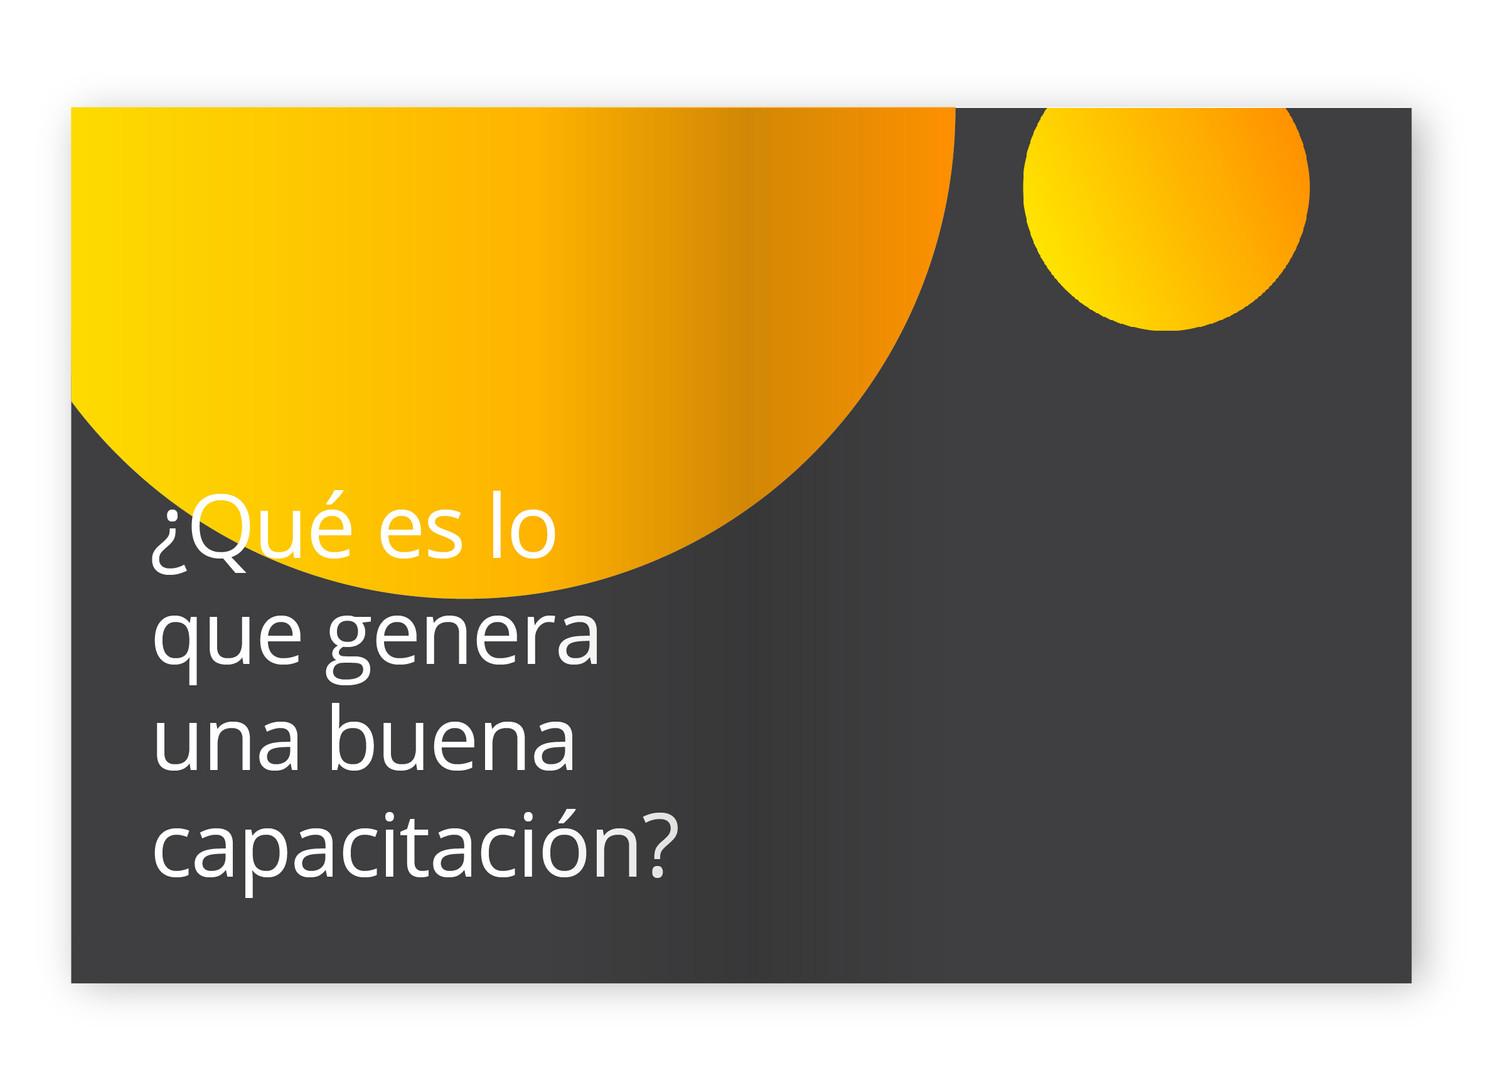 Qué_es_lo_que_genera_una_buena_capacitac